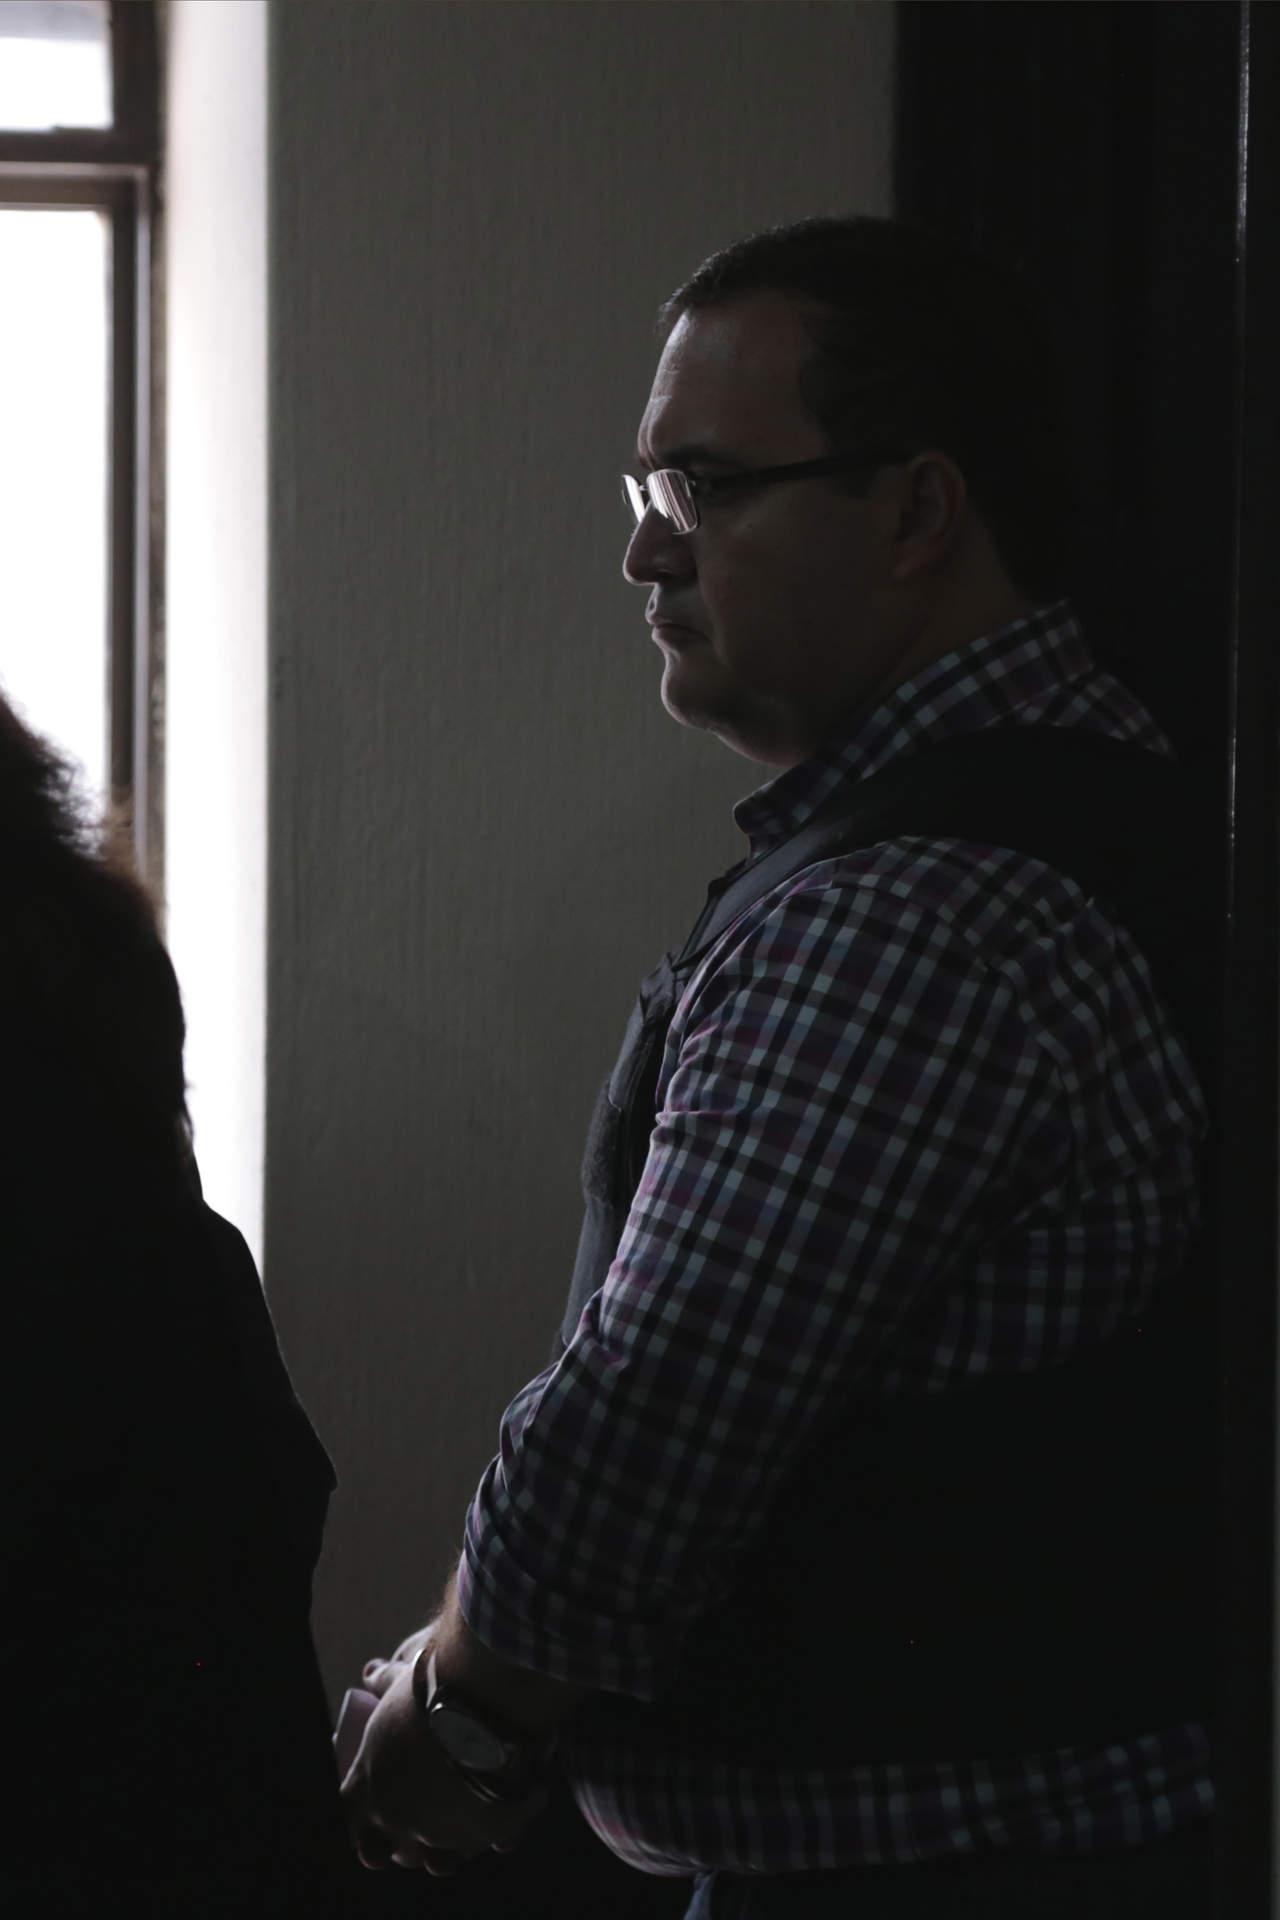 México presentará solicitud de extradición de Duarte la próxima semana